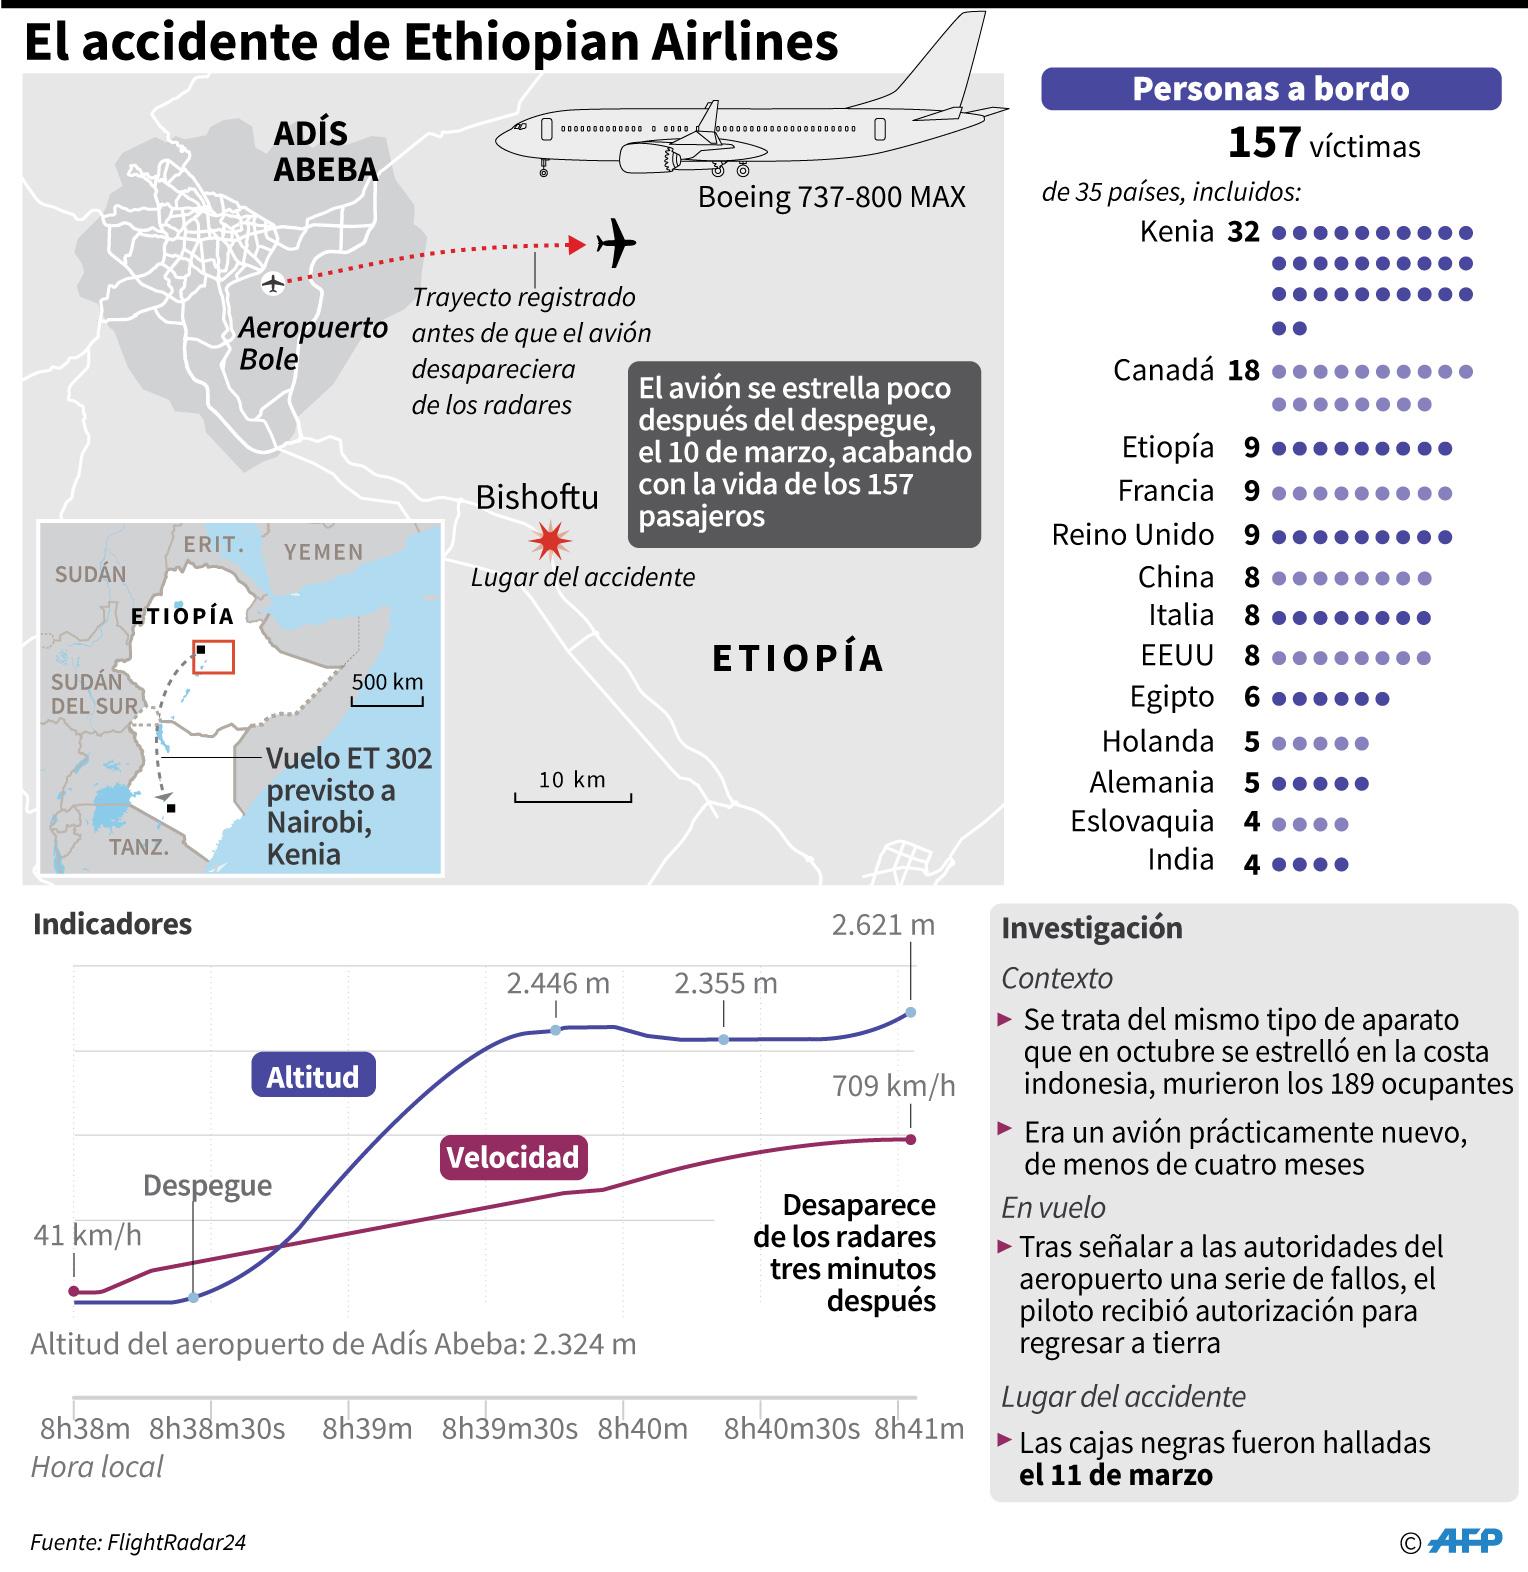 El accidente del vuelo Ethiopian Airlines ET302 del pasado domingo: mapa, gráfico sobre el vuelo, contexto y víctimas. (Foto: AFP)